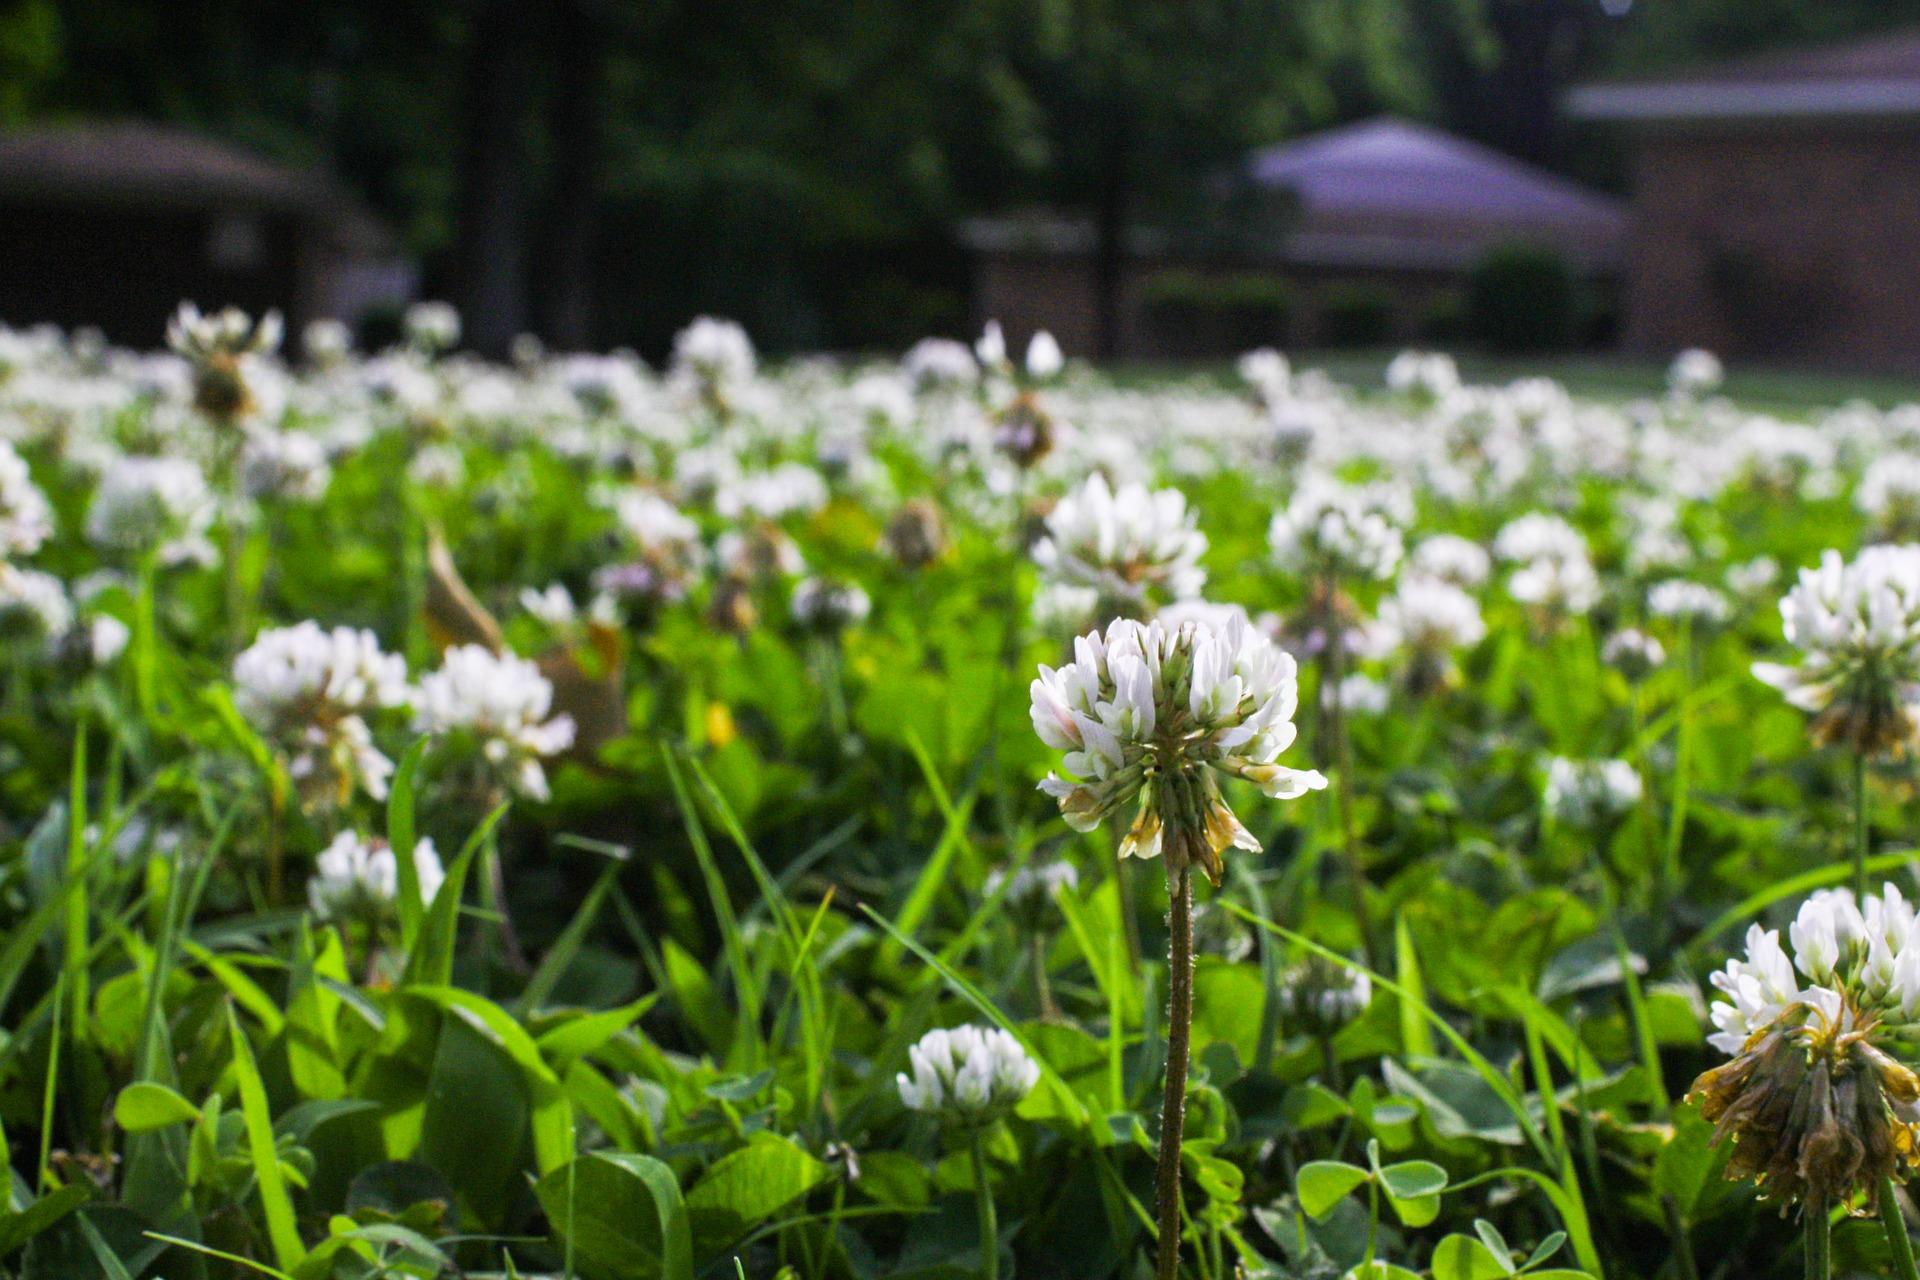 vegyszeres gyomirtás kertgondozás